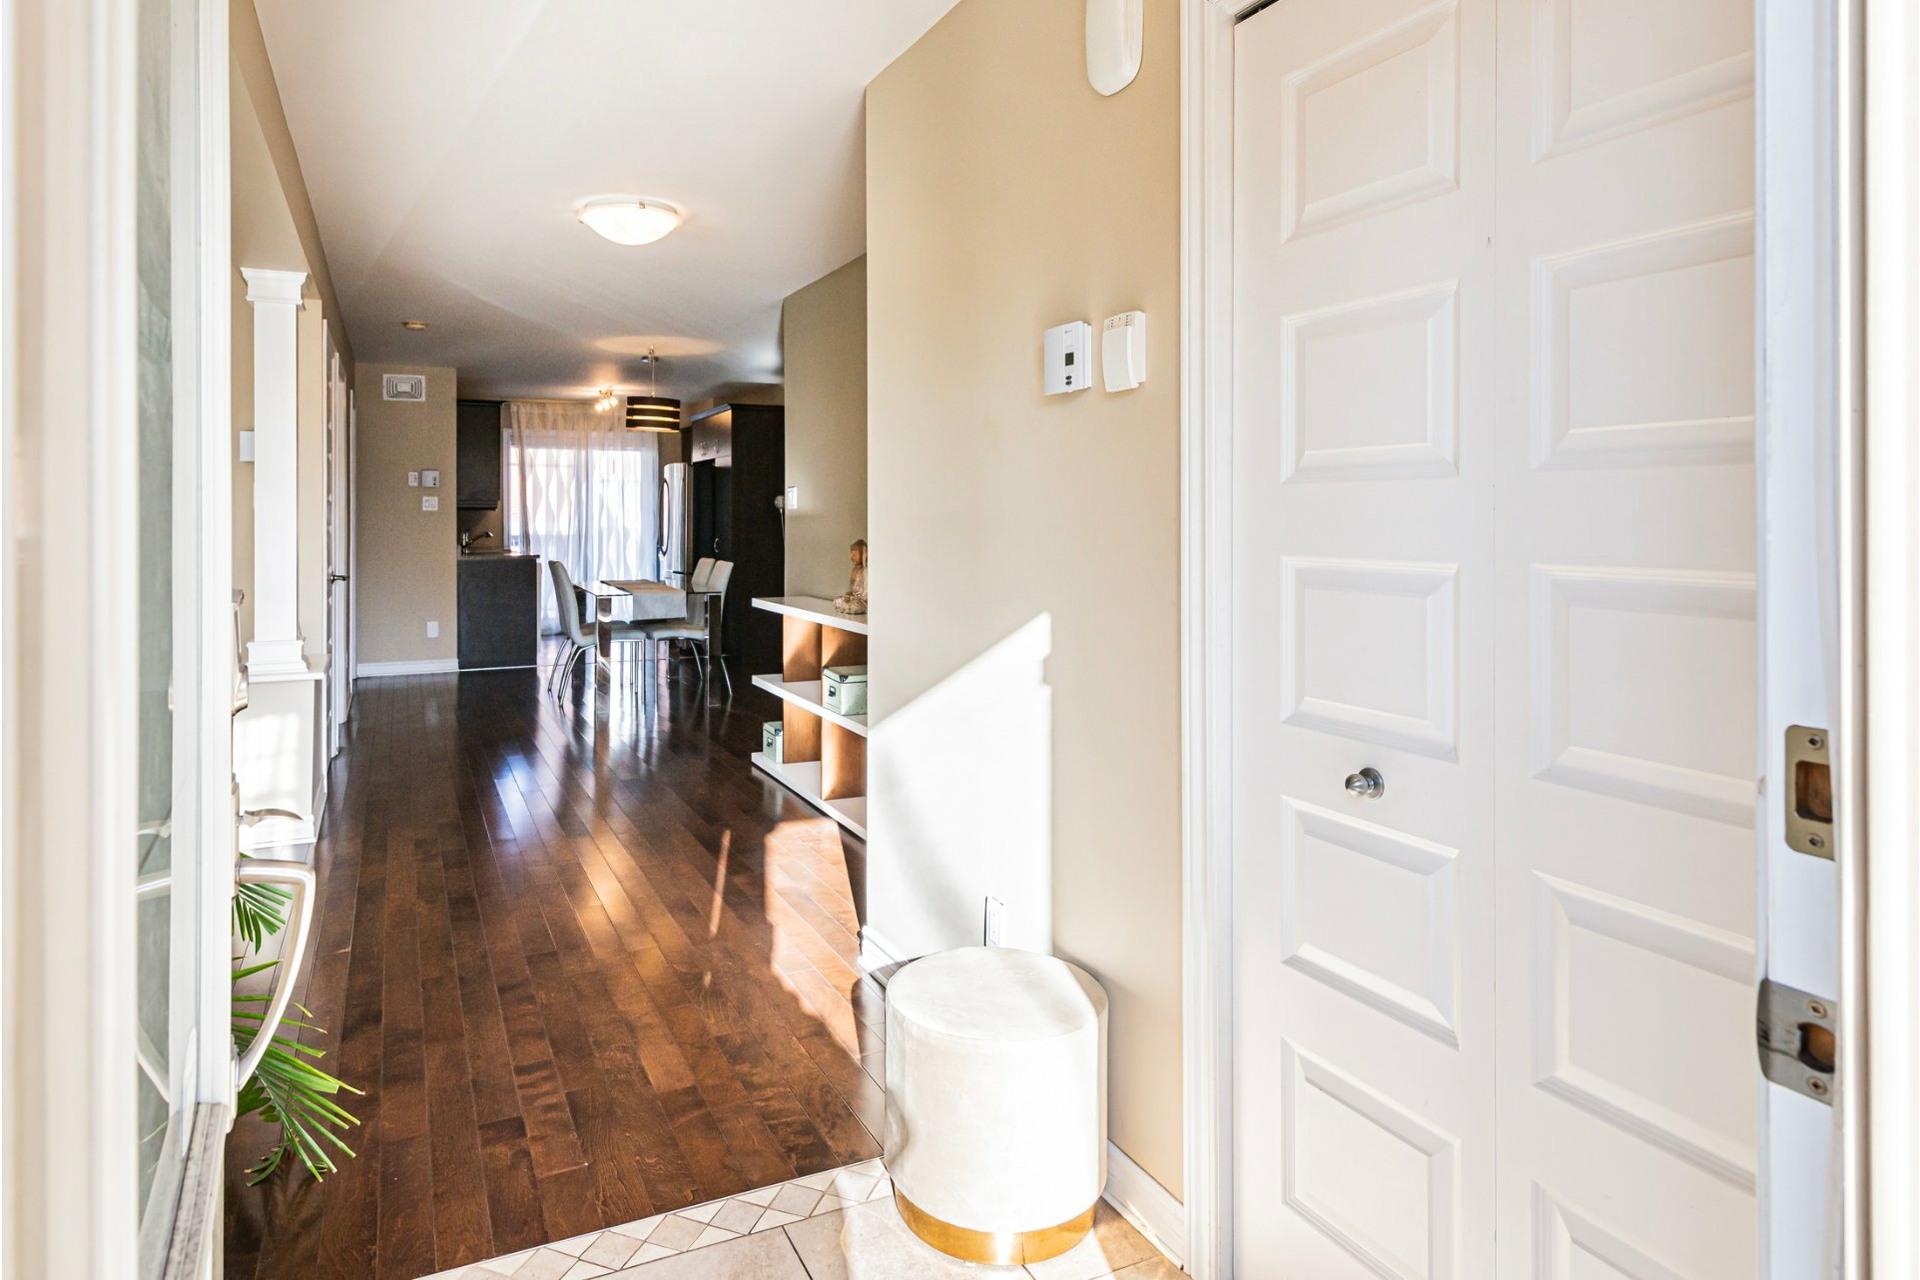 image 3 - Appartement À vendre Lachine Montréal  - 11 pièces